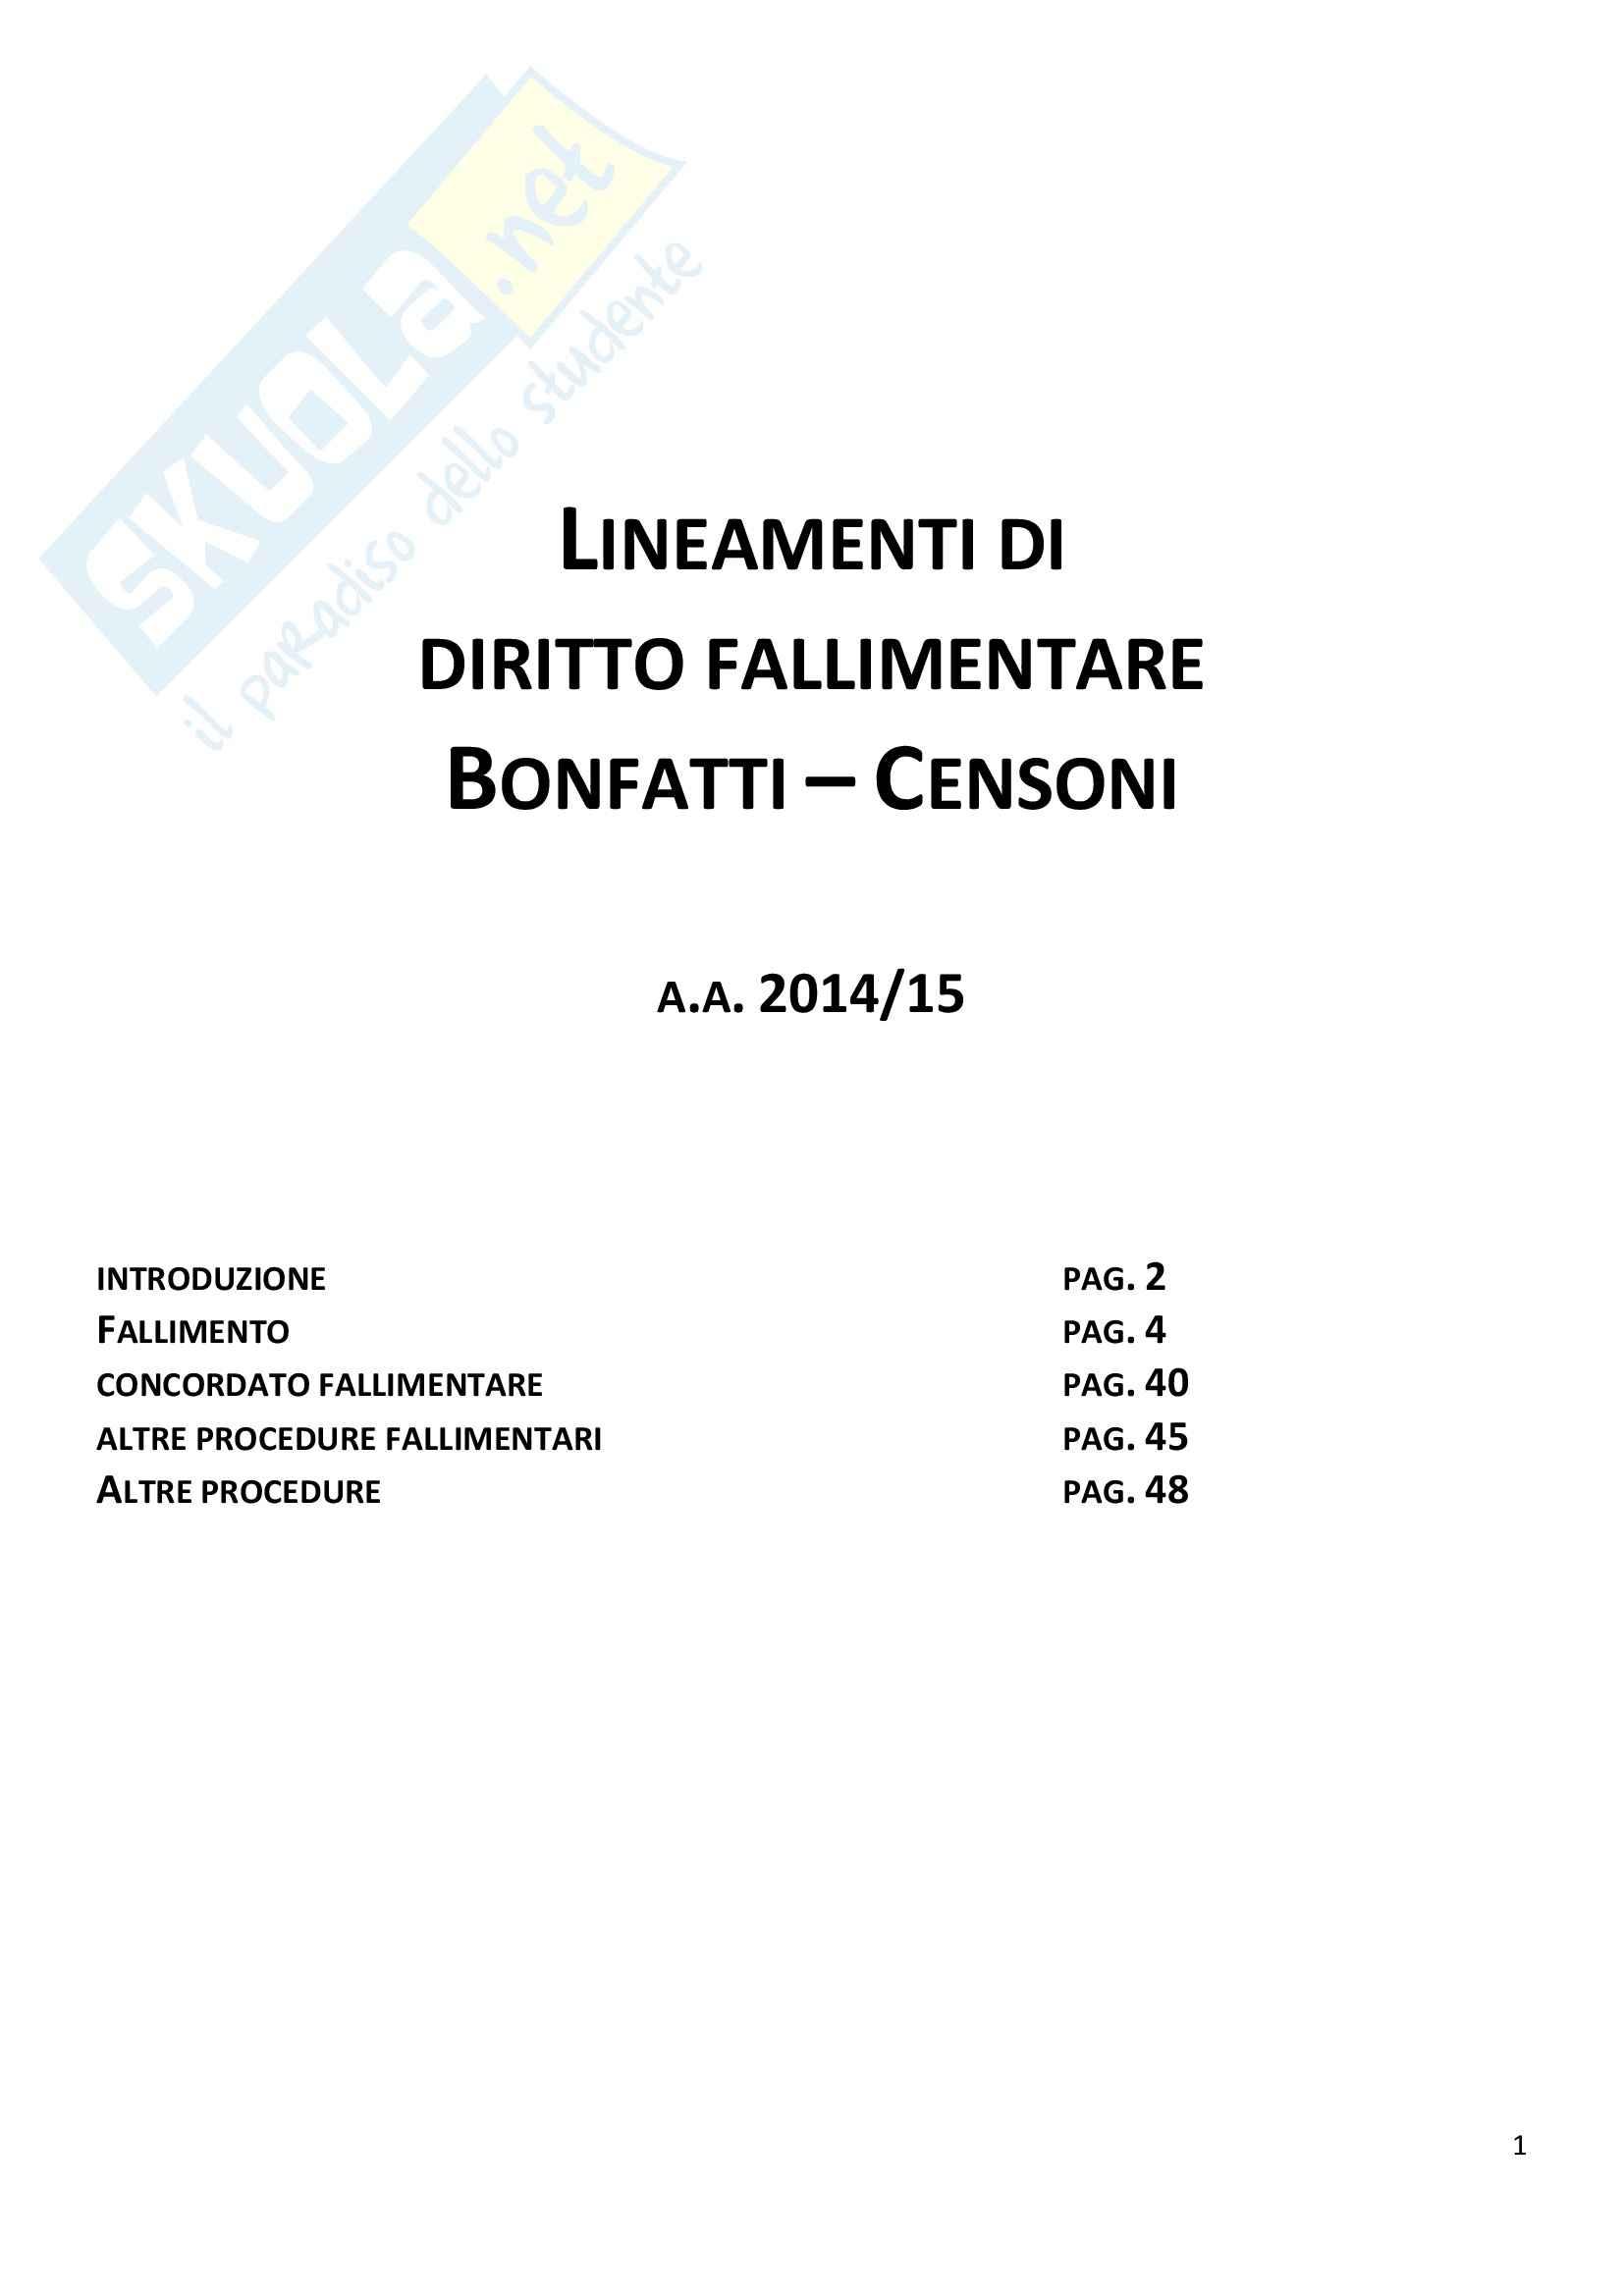 Riassunto esame Diritto Fallimentare, prof. Cesaroni, libro consigliato Lineamenti di diritto fallimentare, Censoni, Bonfatti